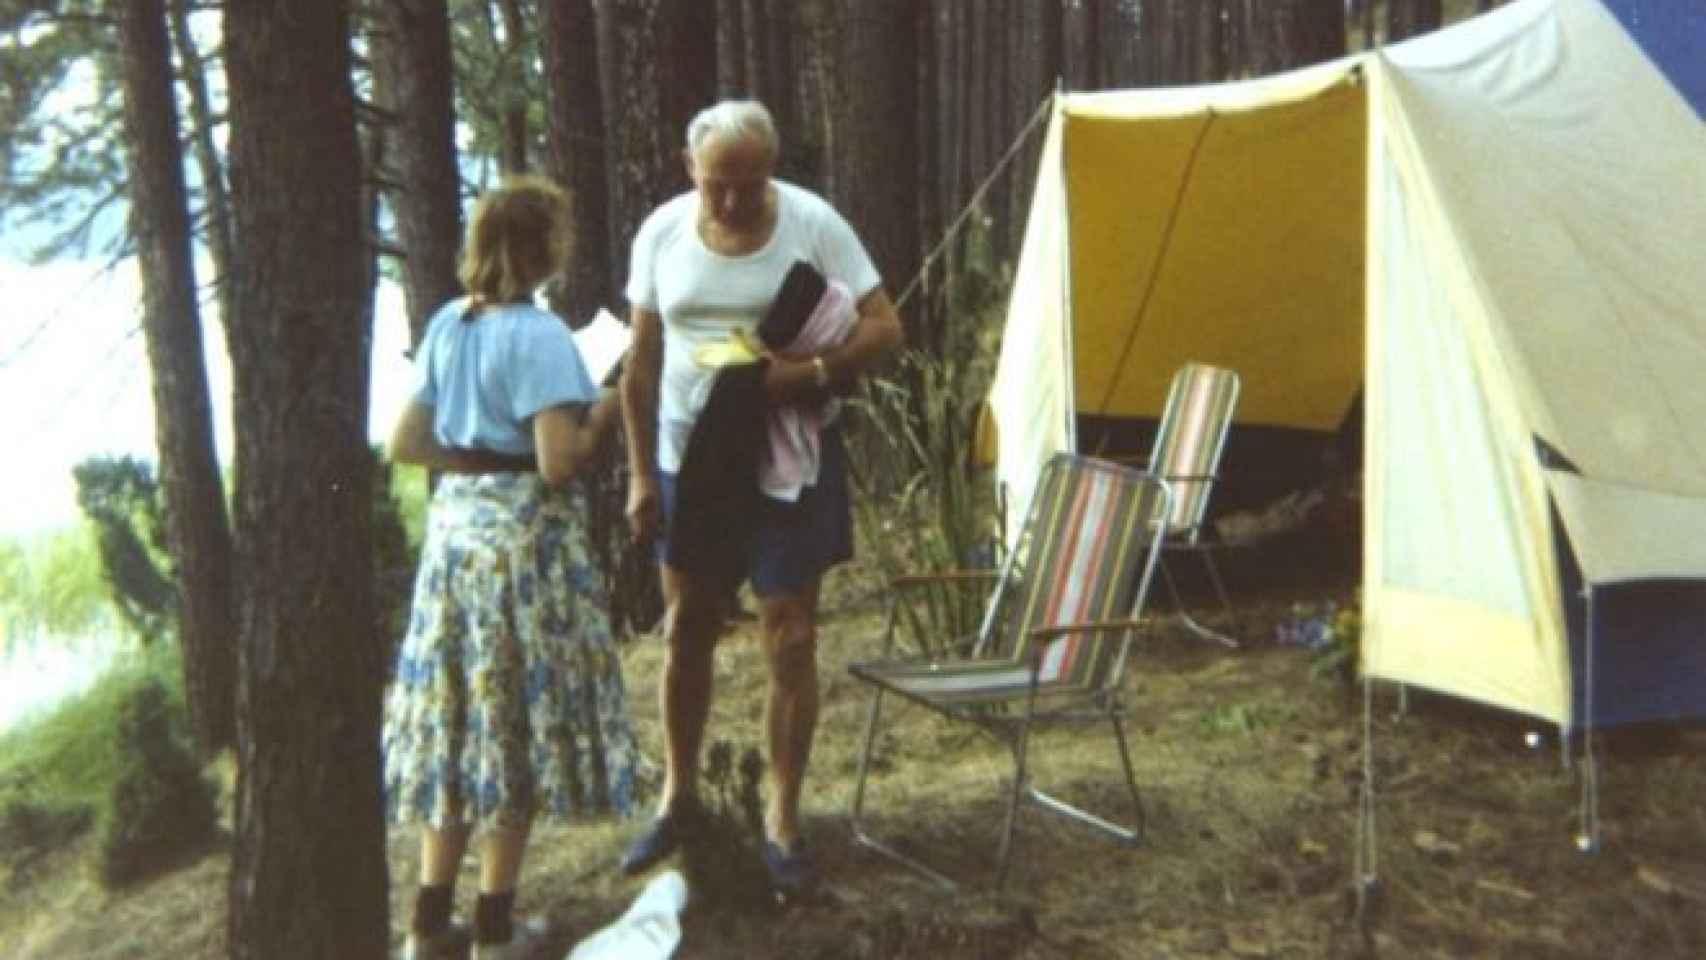 El cardenal Karol Wojtyla junto a Anna Teresa Tymieniecka, en un camping en 1978.